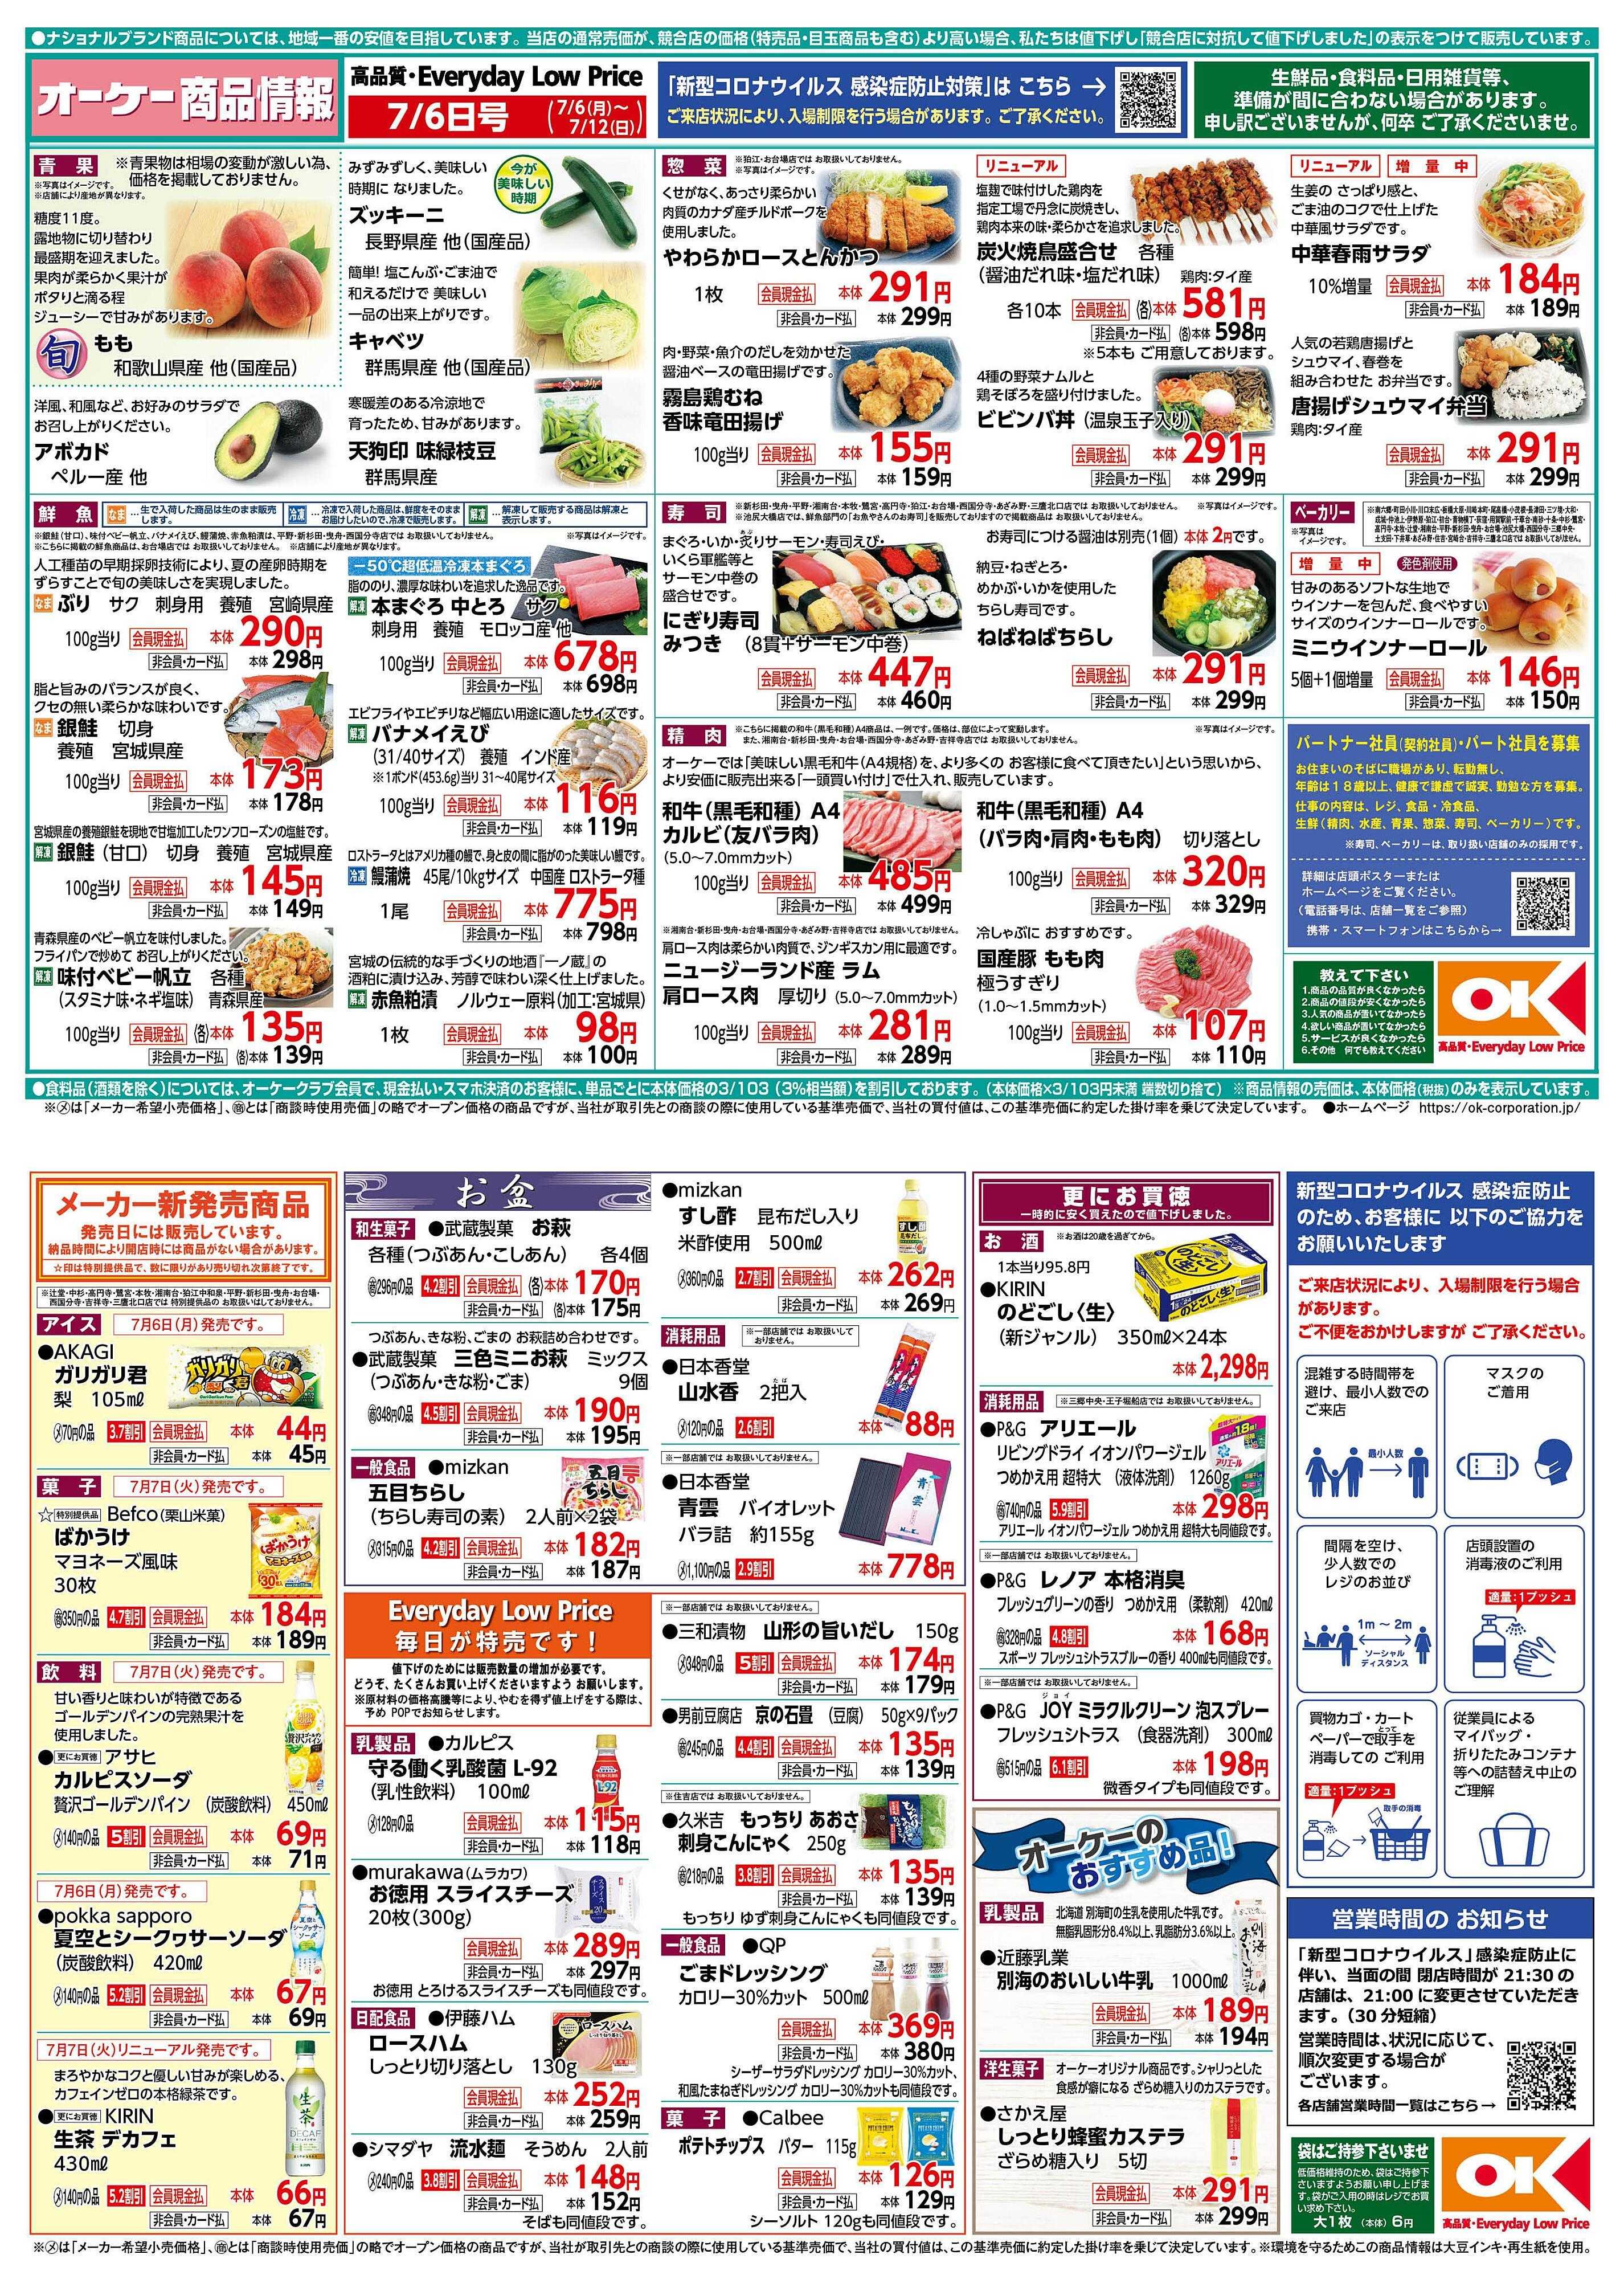 オーケー 商品情報紙7月6日号